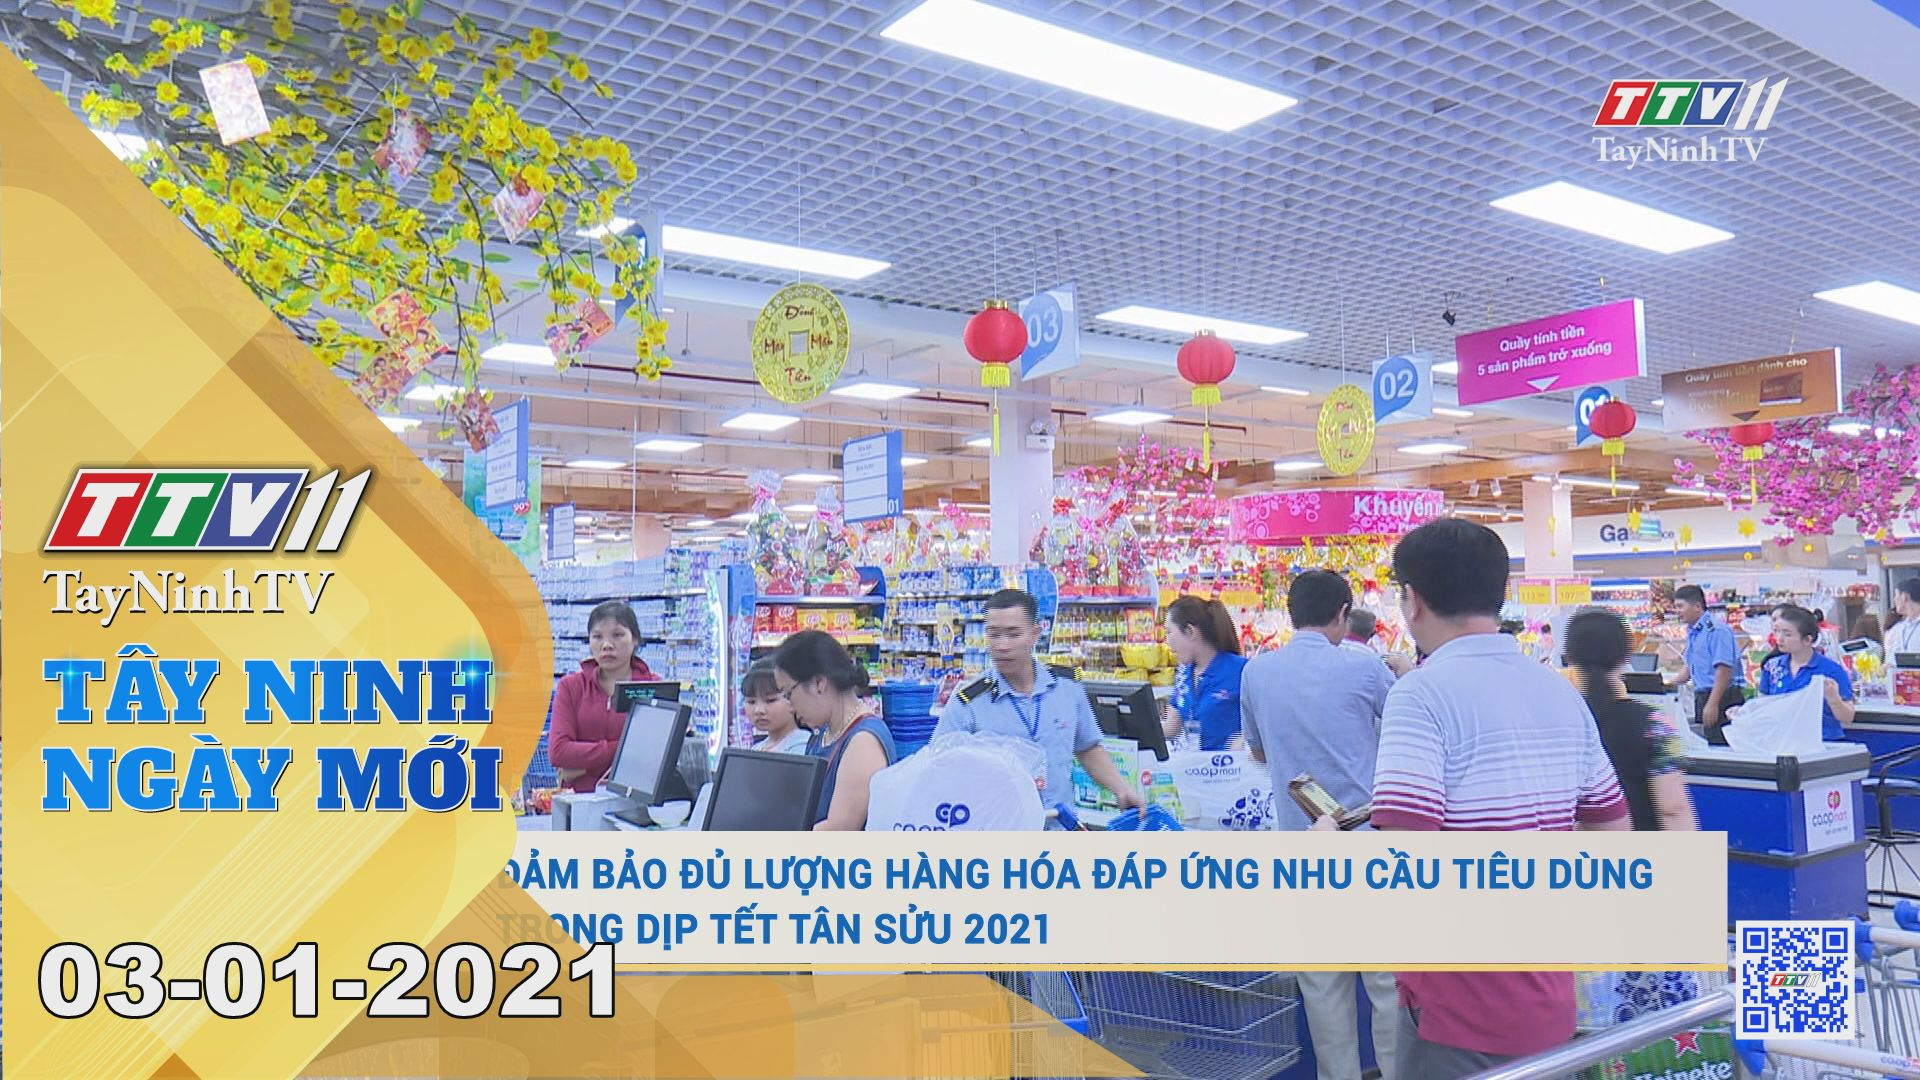 Tây Ninh Ngày Mới 03-01-2021 | Tin tức hôm nay | TayNinhTV